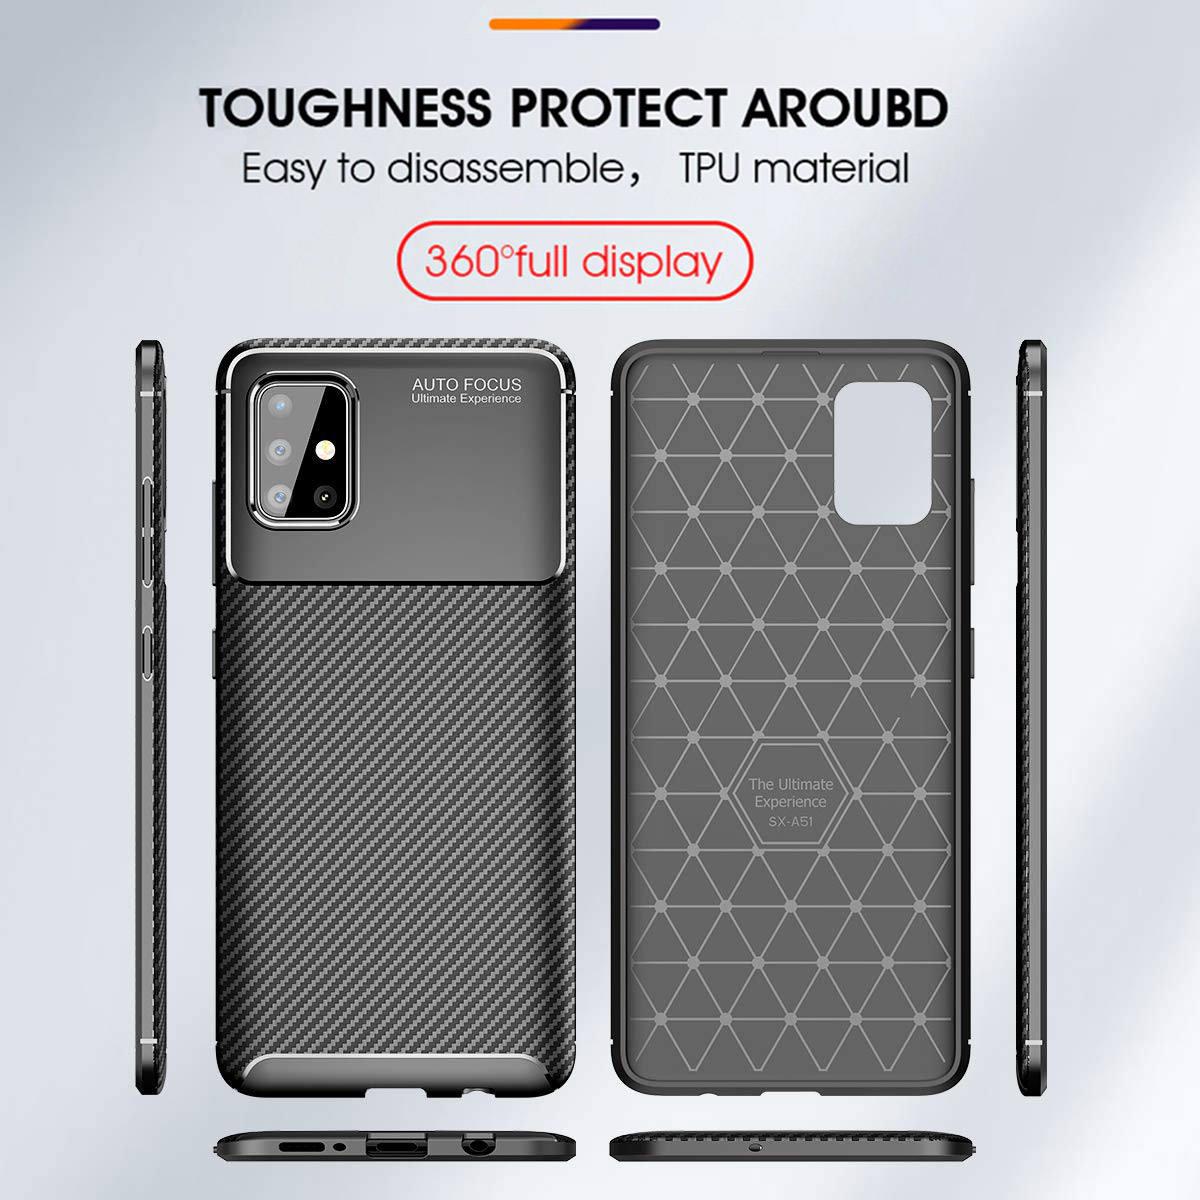 کاور لاین کینگ مدل A21 مناسب برای گوشی موبایل سامسونگ Galaxy A71 thumb 2 28